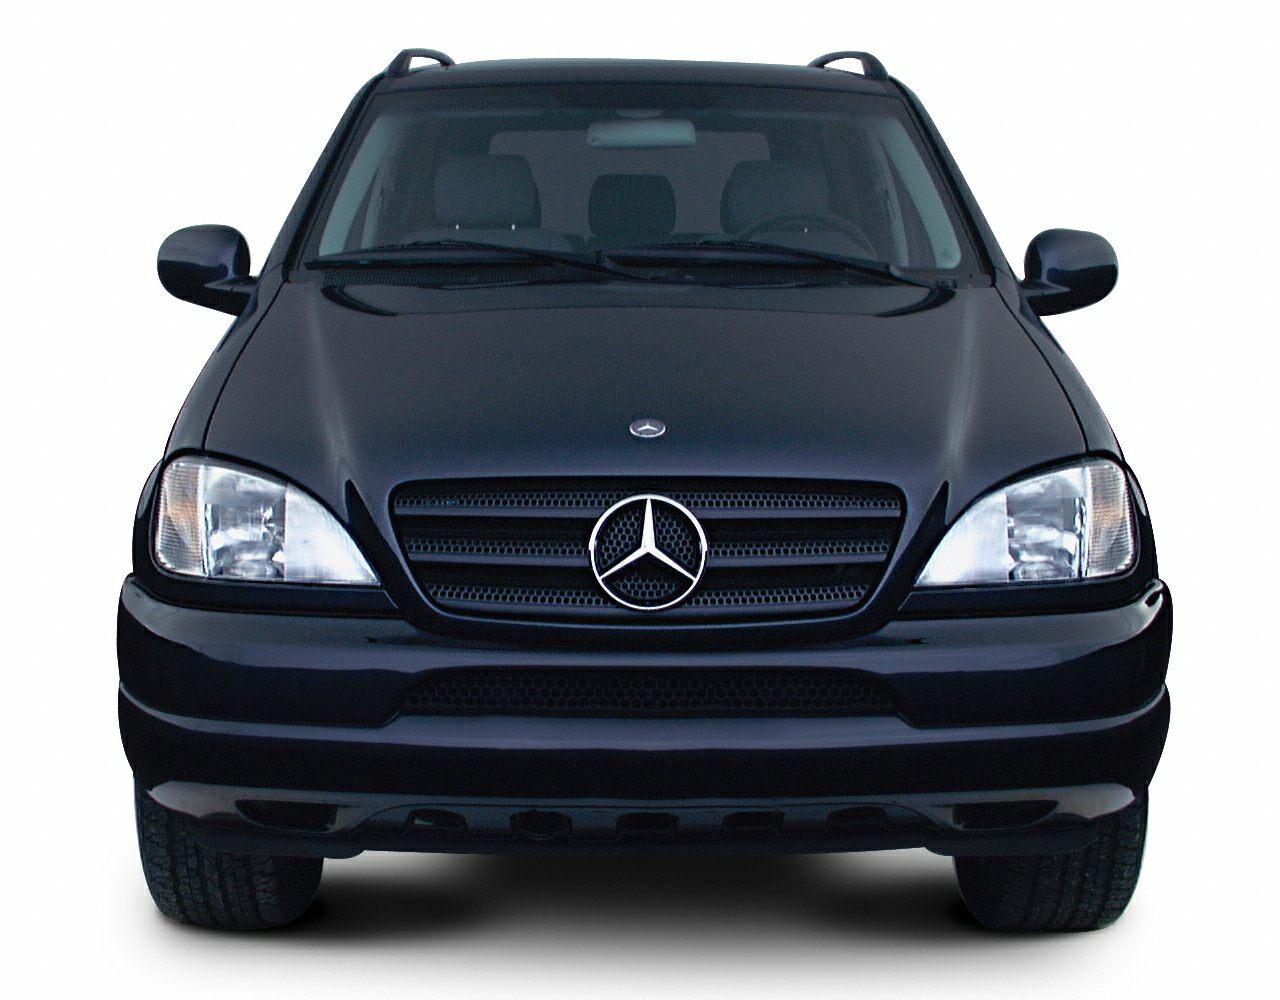 2000 mercedes benz m class base ml430 4dr all wheel drive for 2000 mercedes benz m class